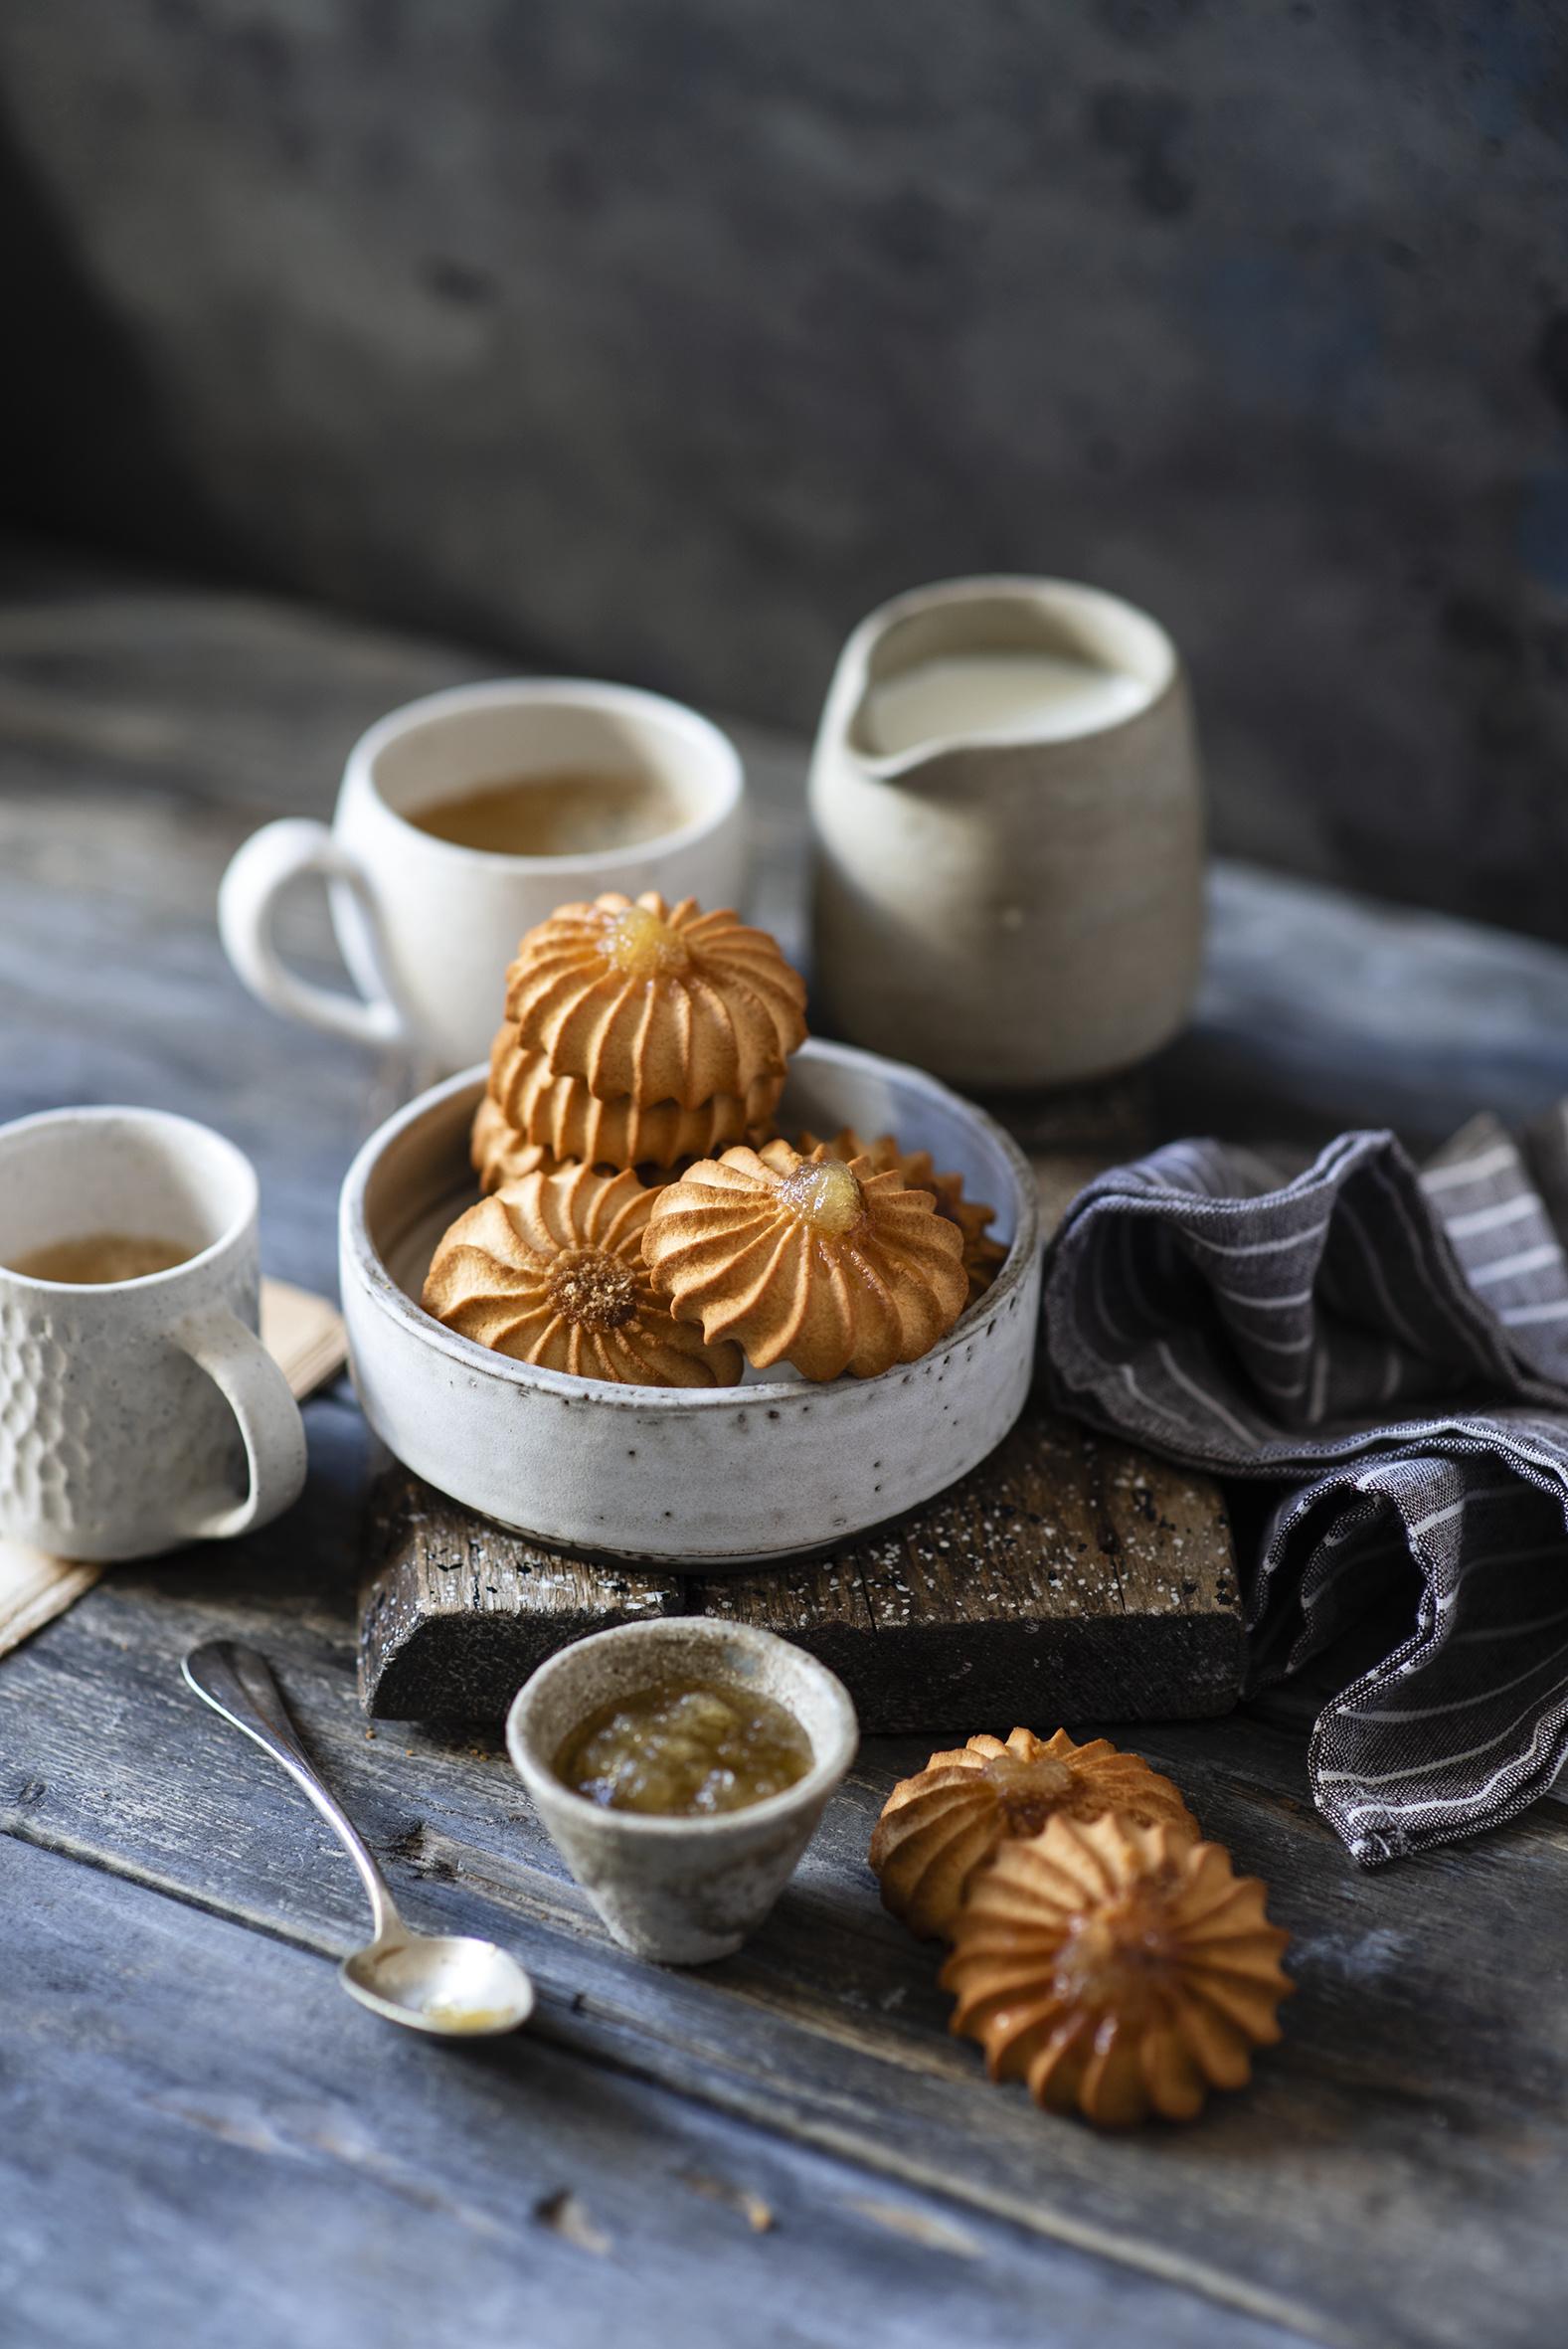 Fotos von Cappuccino Kekse Becher Löffel das Essen Bretter  für Handy Lebensmittel